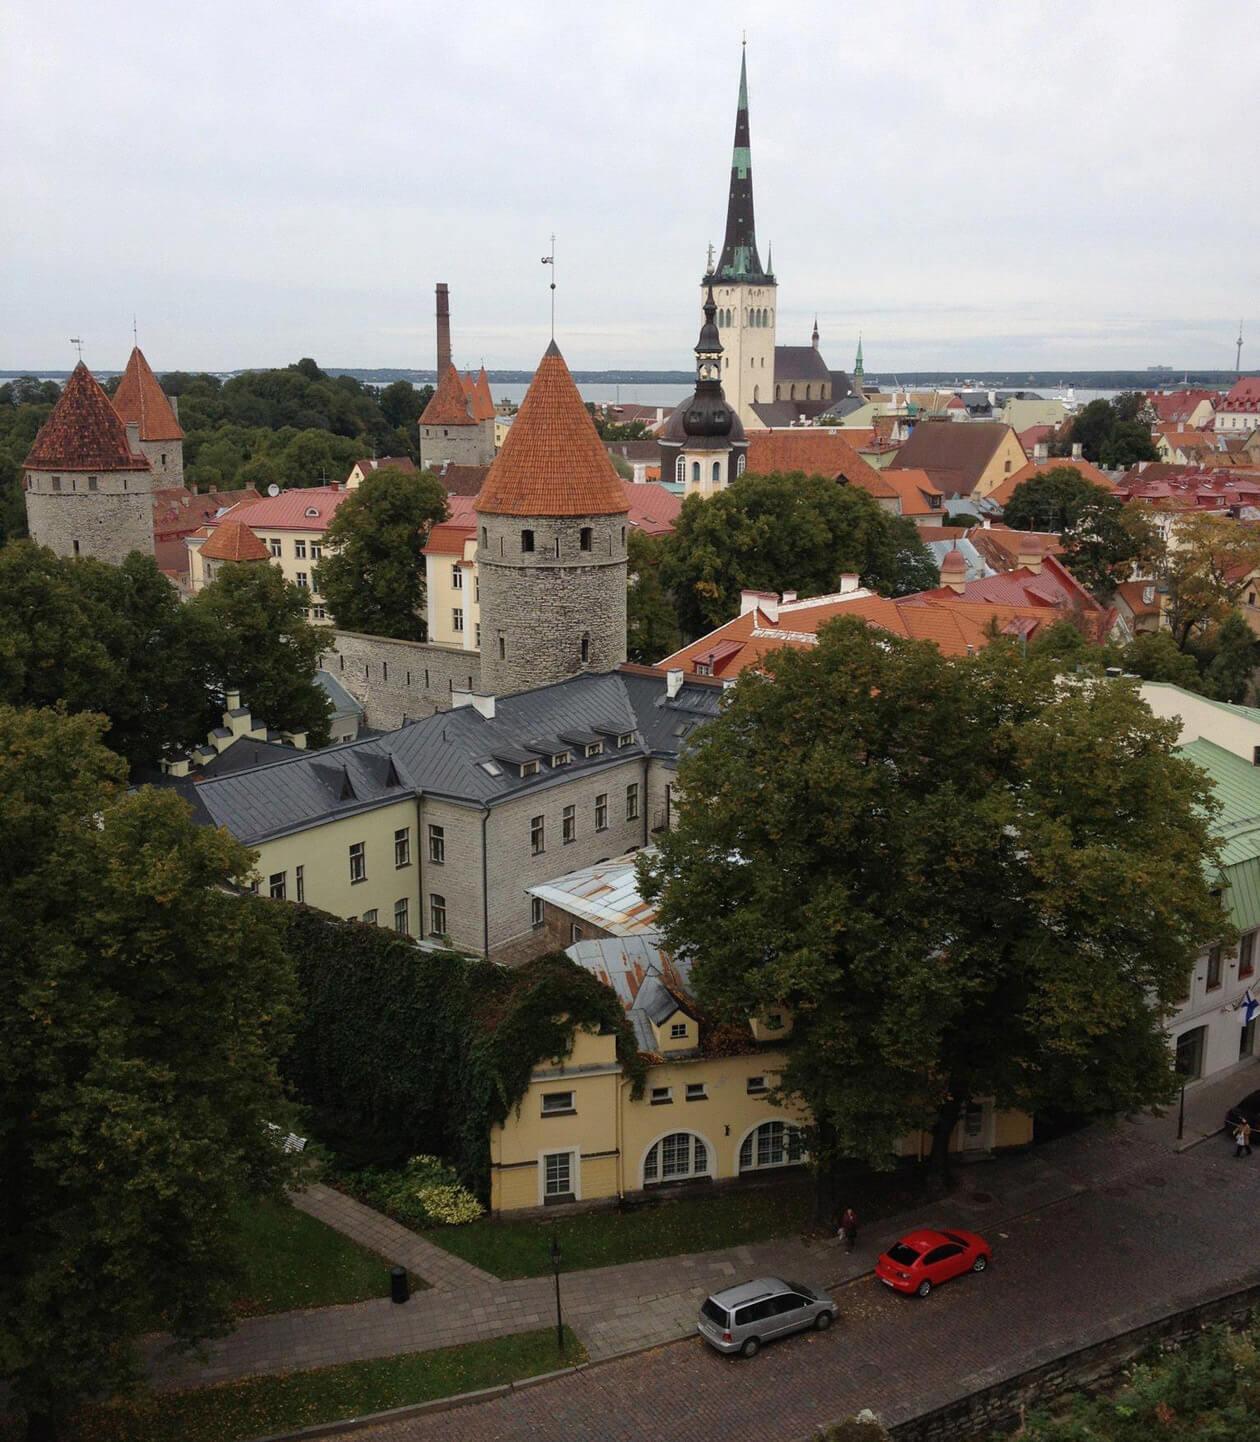 Tallinn, Estonia's lovely walled capital